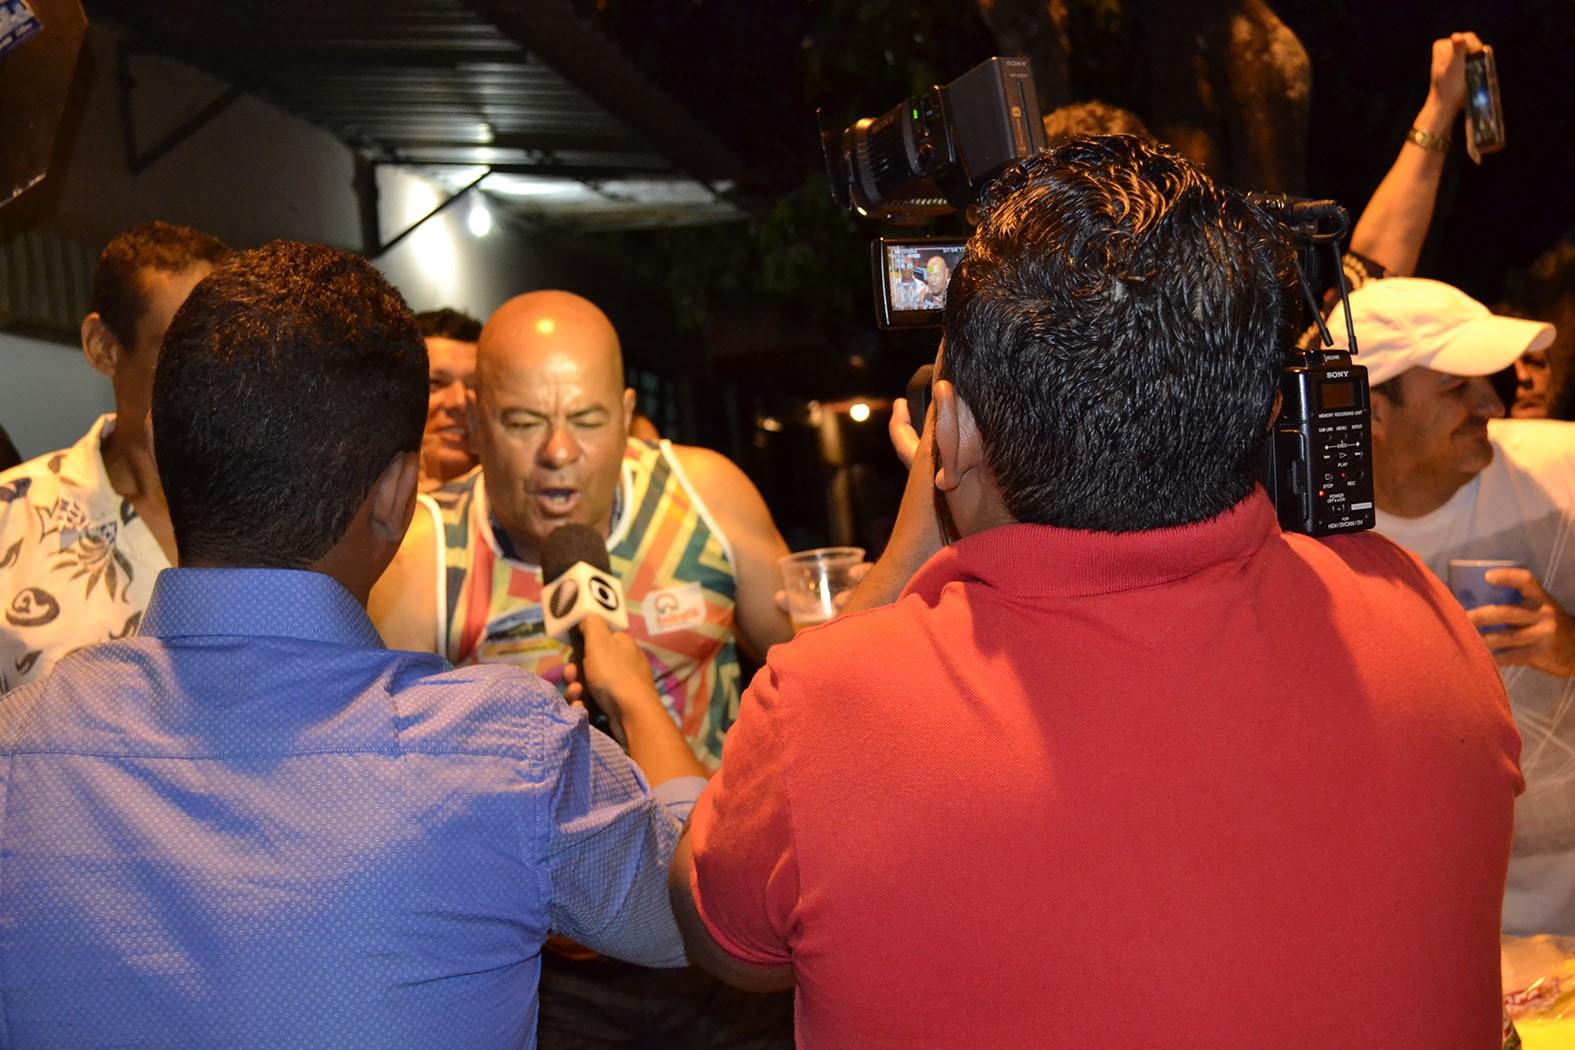 O jornalismo cobriu todas as emoções da festa (Foto: Divulgação)